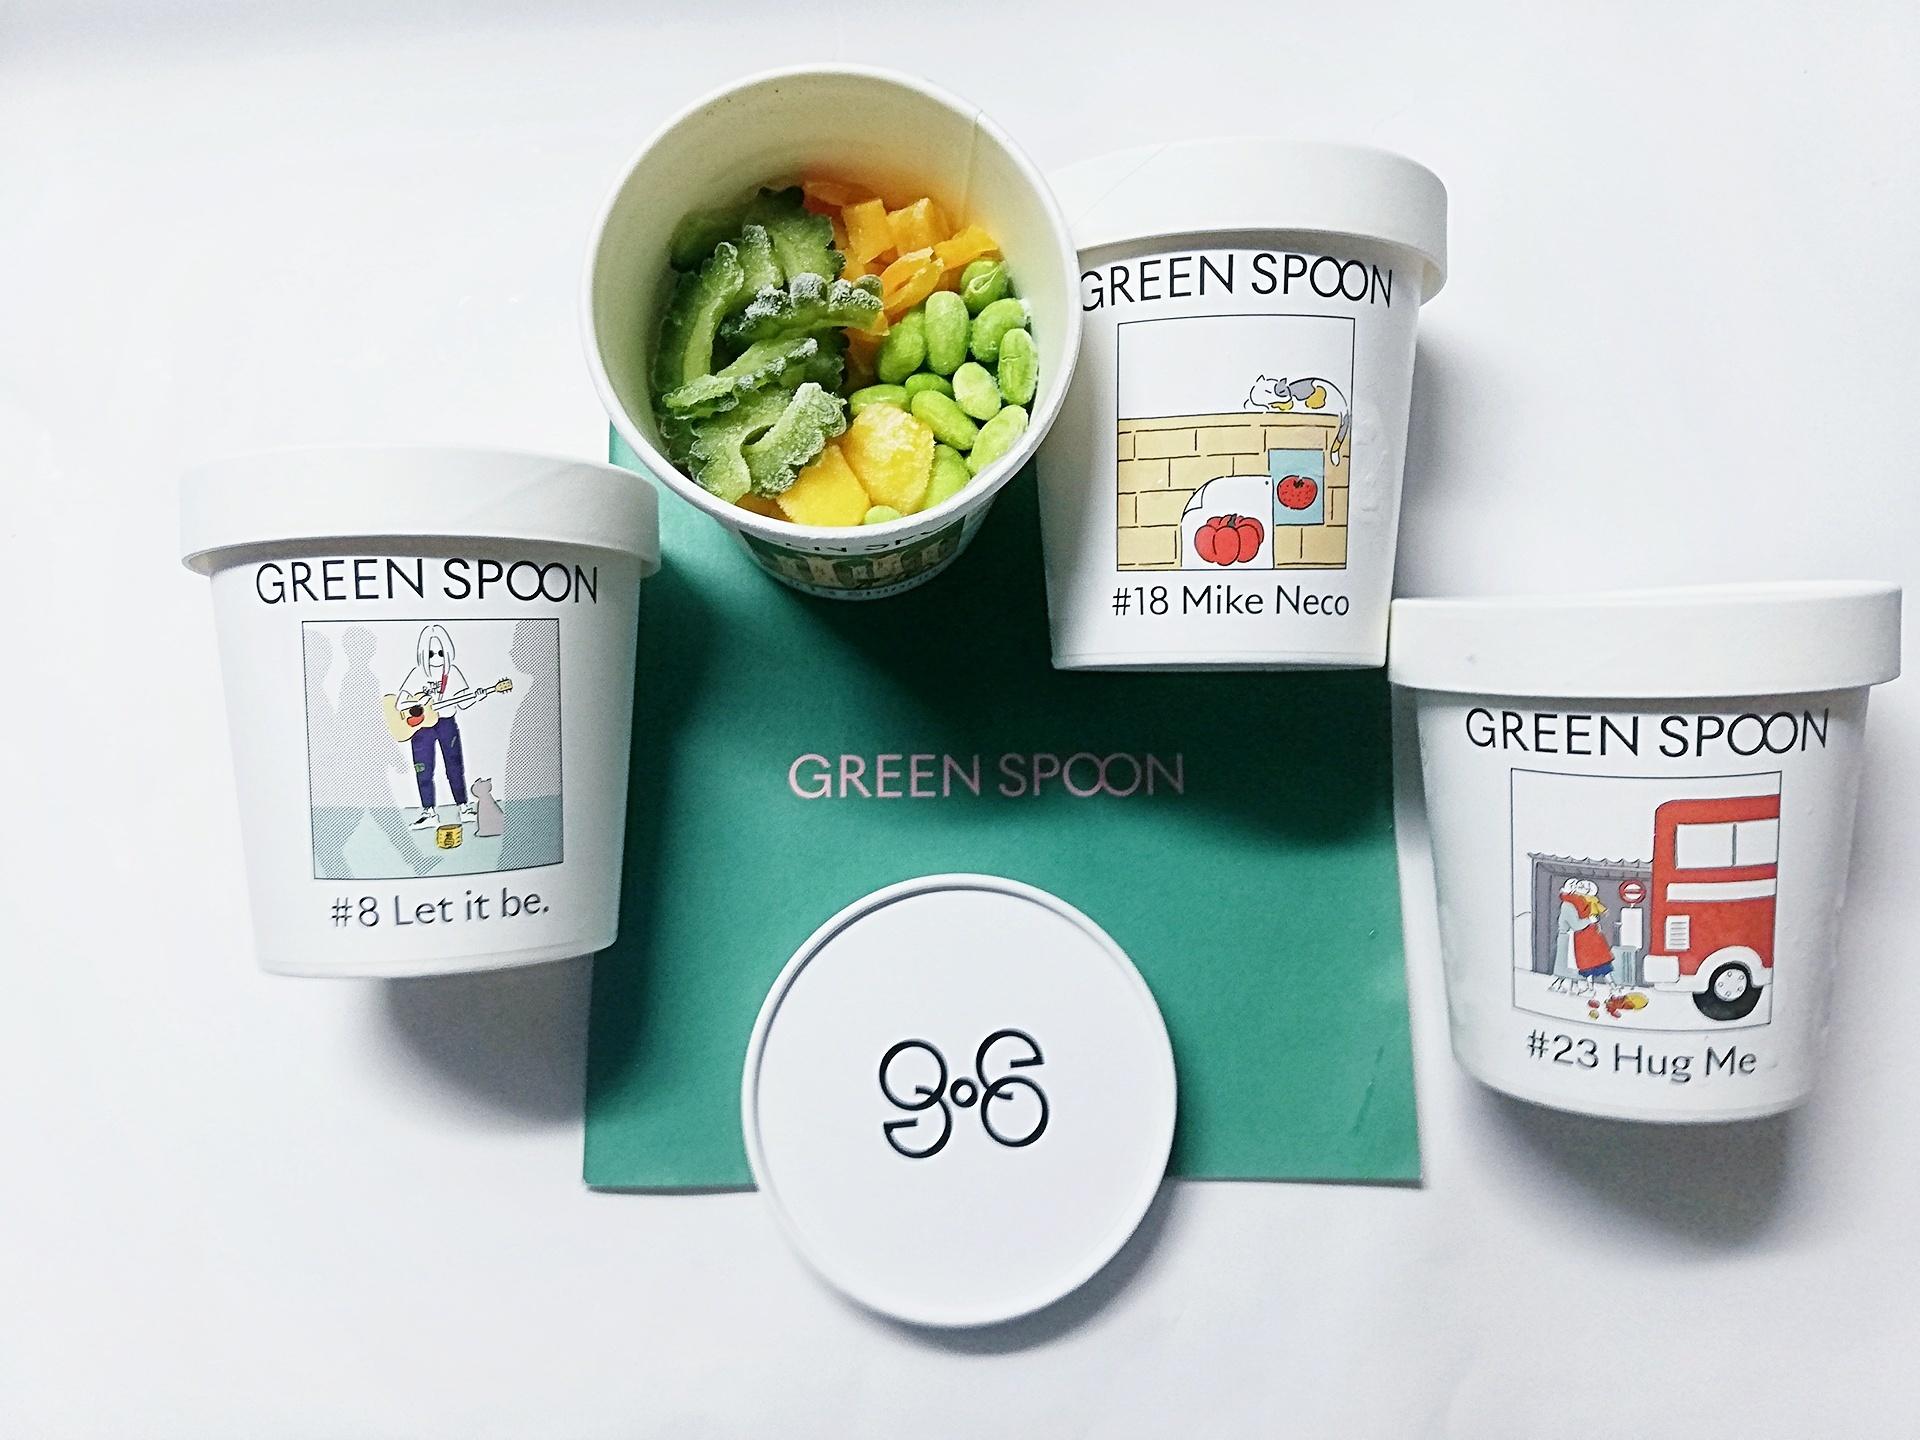 ☆インナービューティー部門 2020年 マイベストアイテム☆パーソナルスムージーの【GREEN SPOON】からカラダが喜ぶスープが登場!!